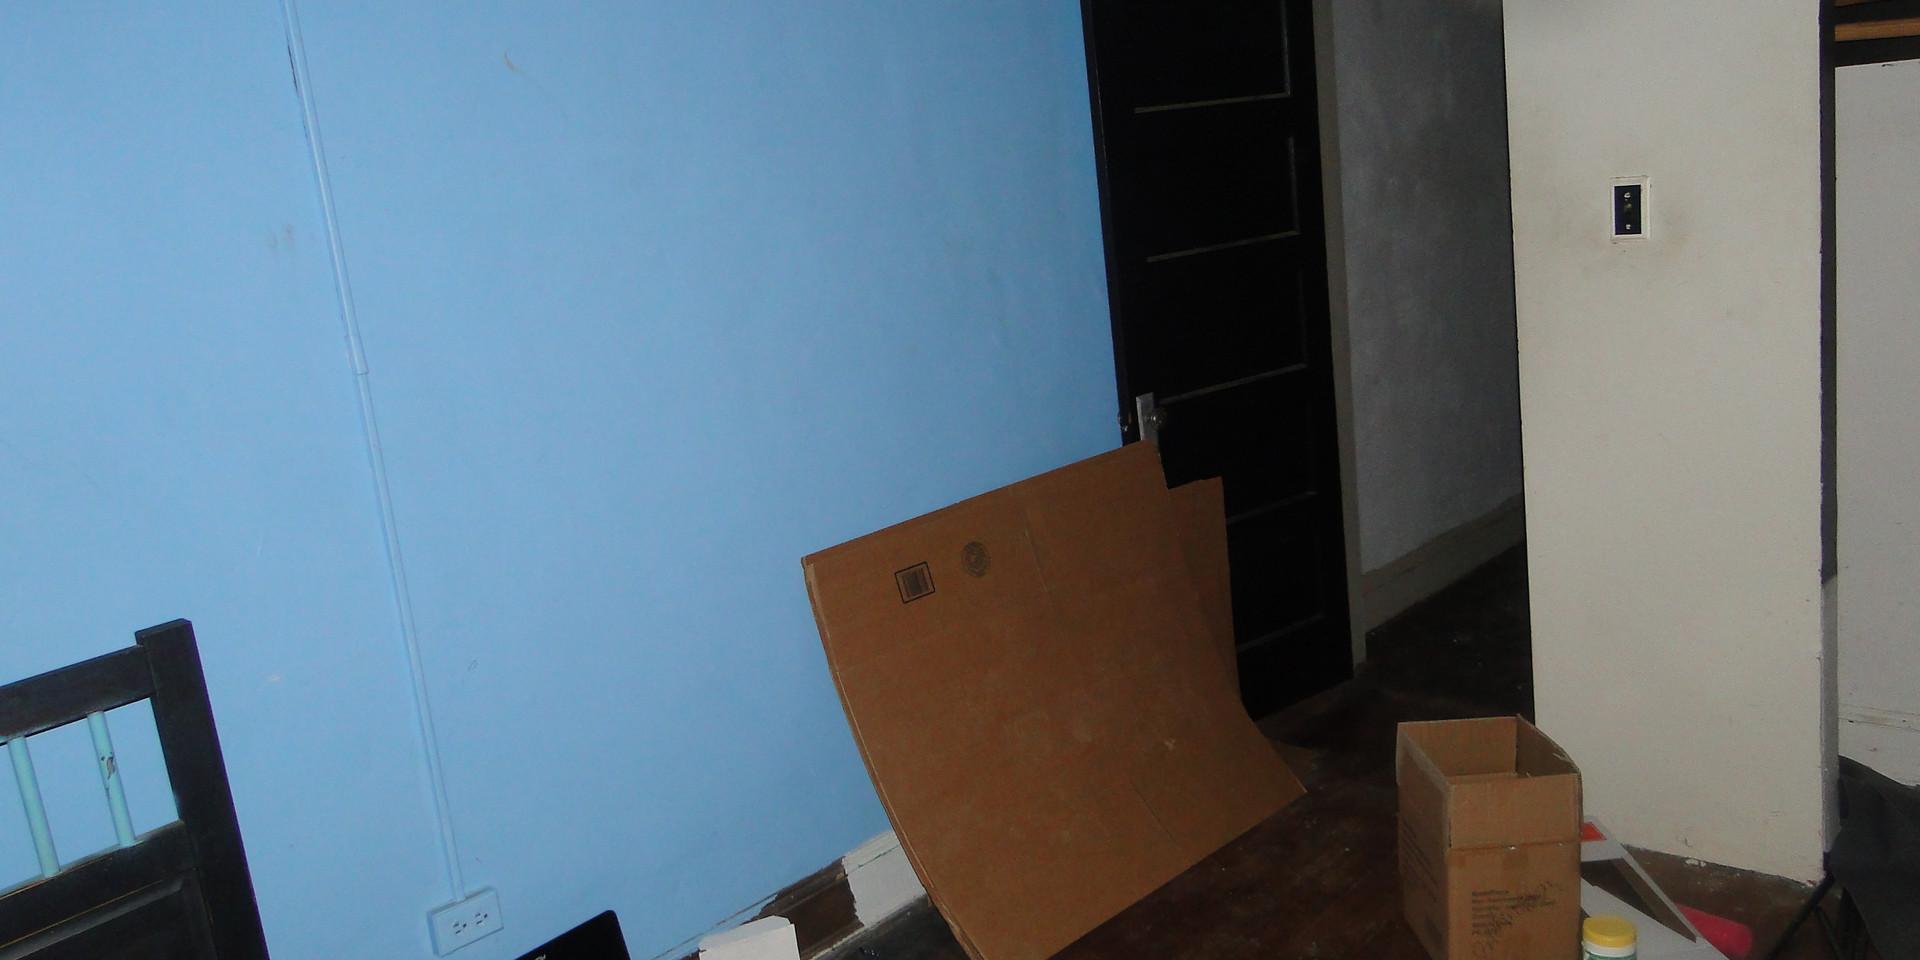 07 - Master Bedroom 4.JPG